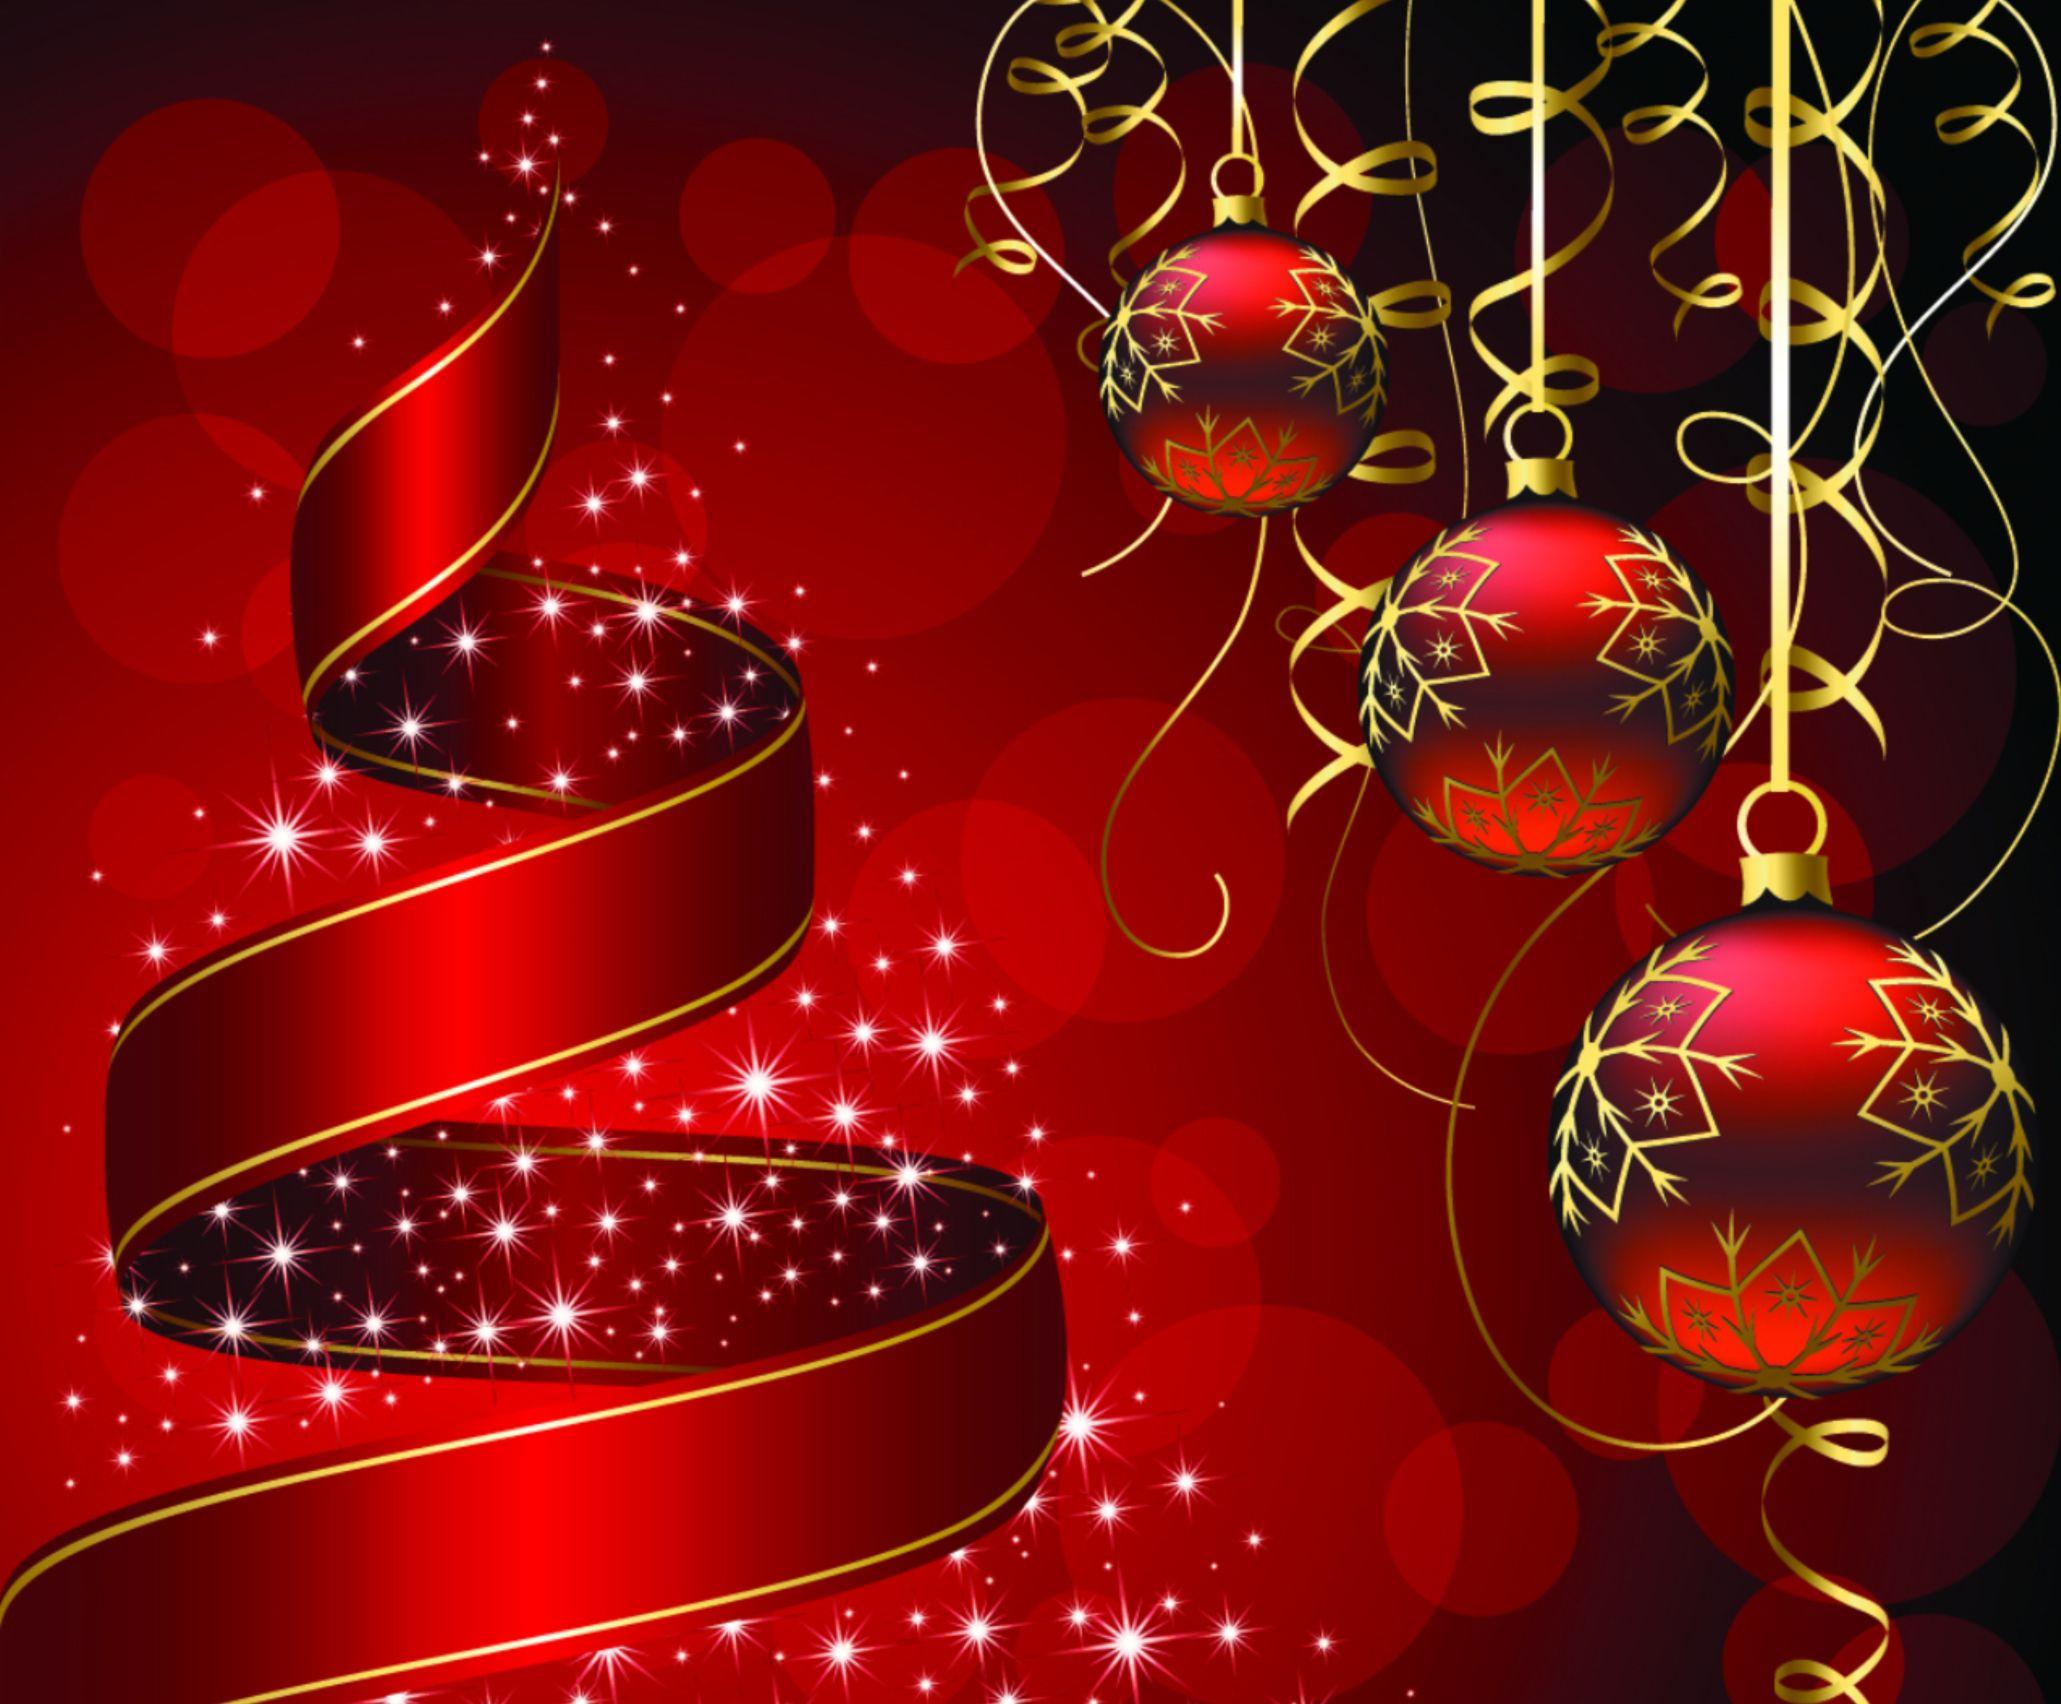 Microsoft Word CHRISTMAS POSTER 13.docx Christmas